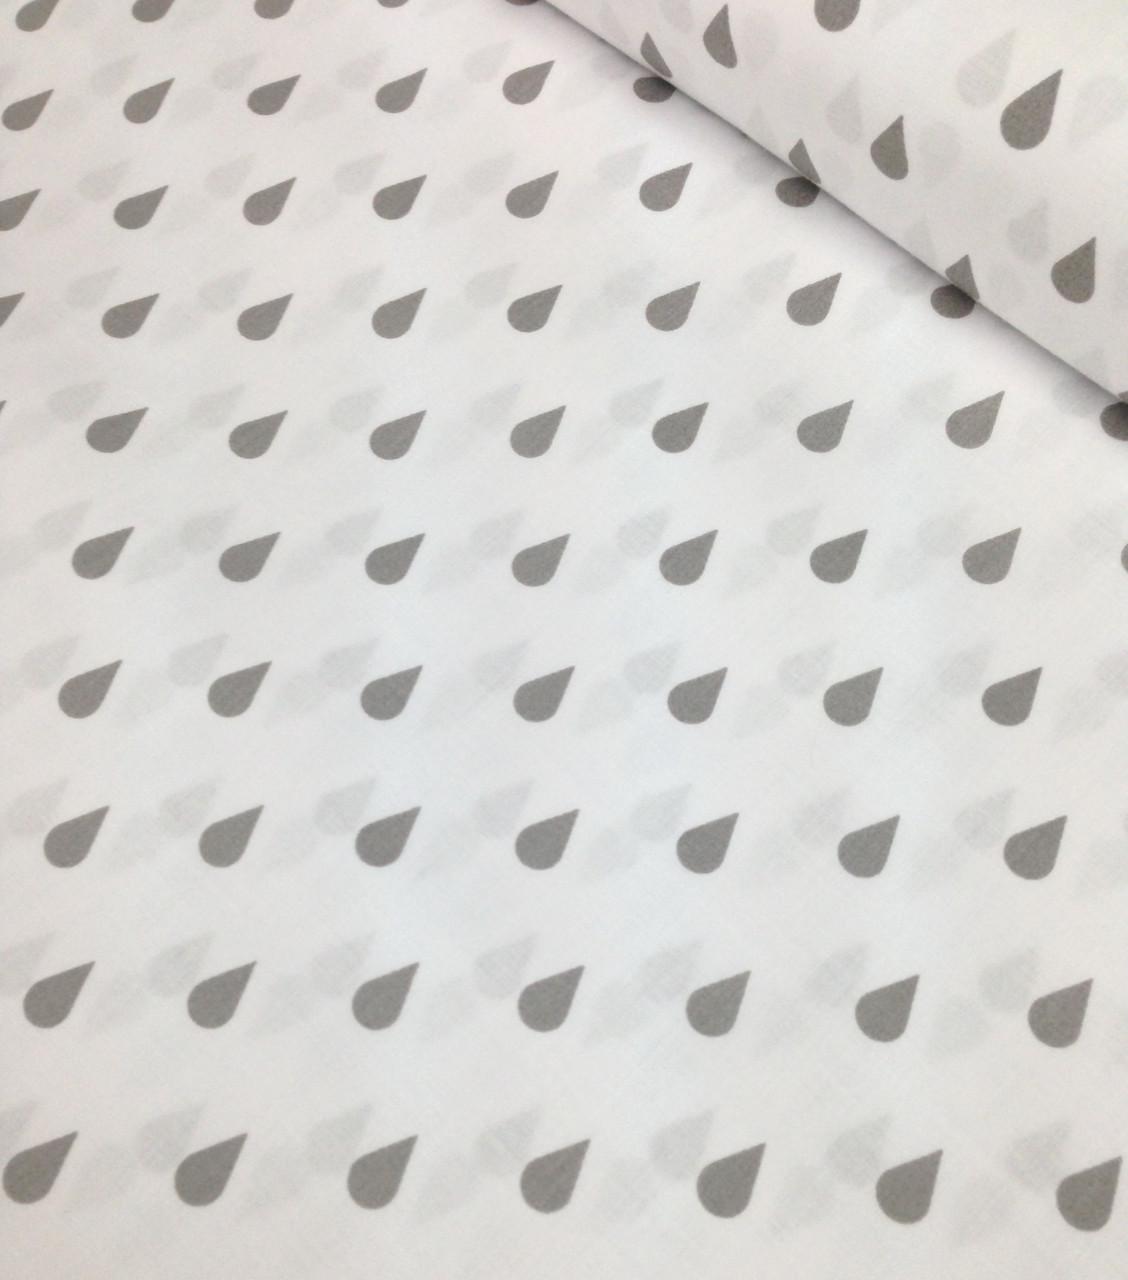 Хлопковая ткань польская капли серые на белом